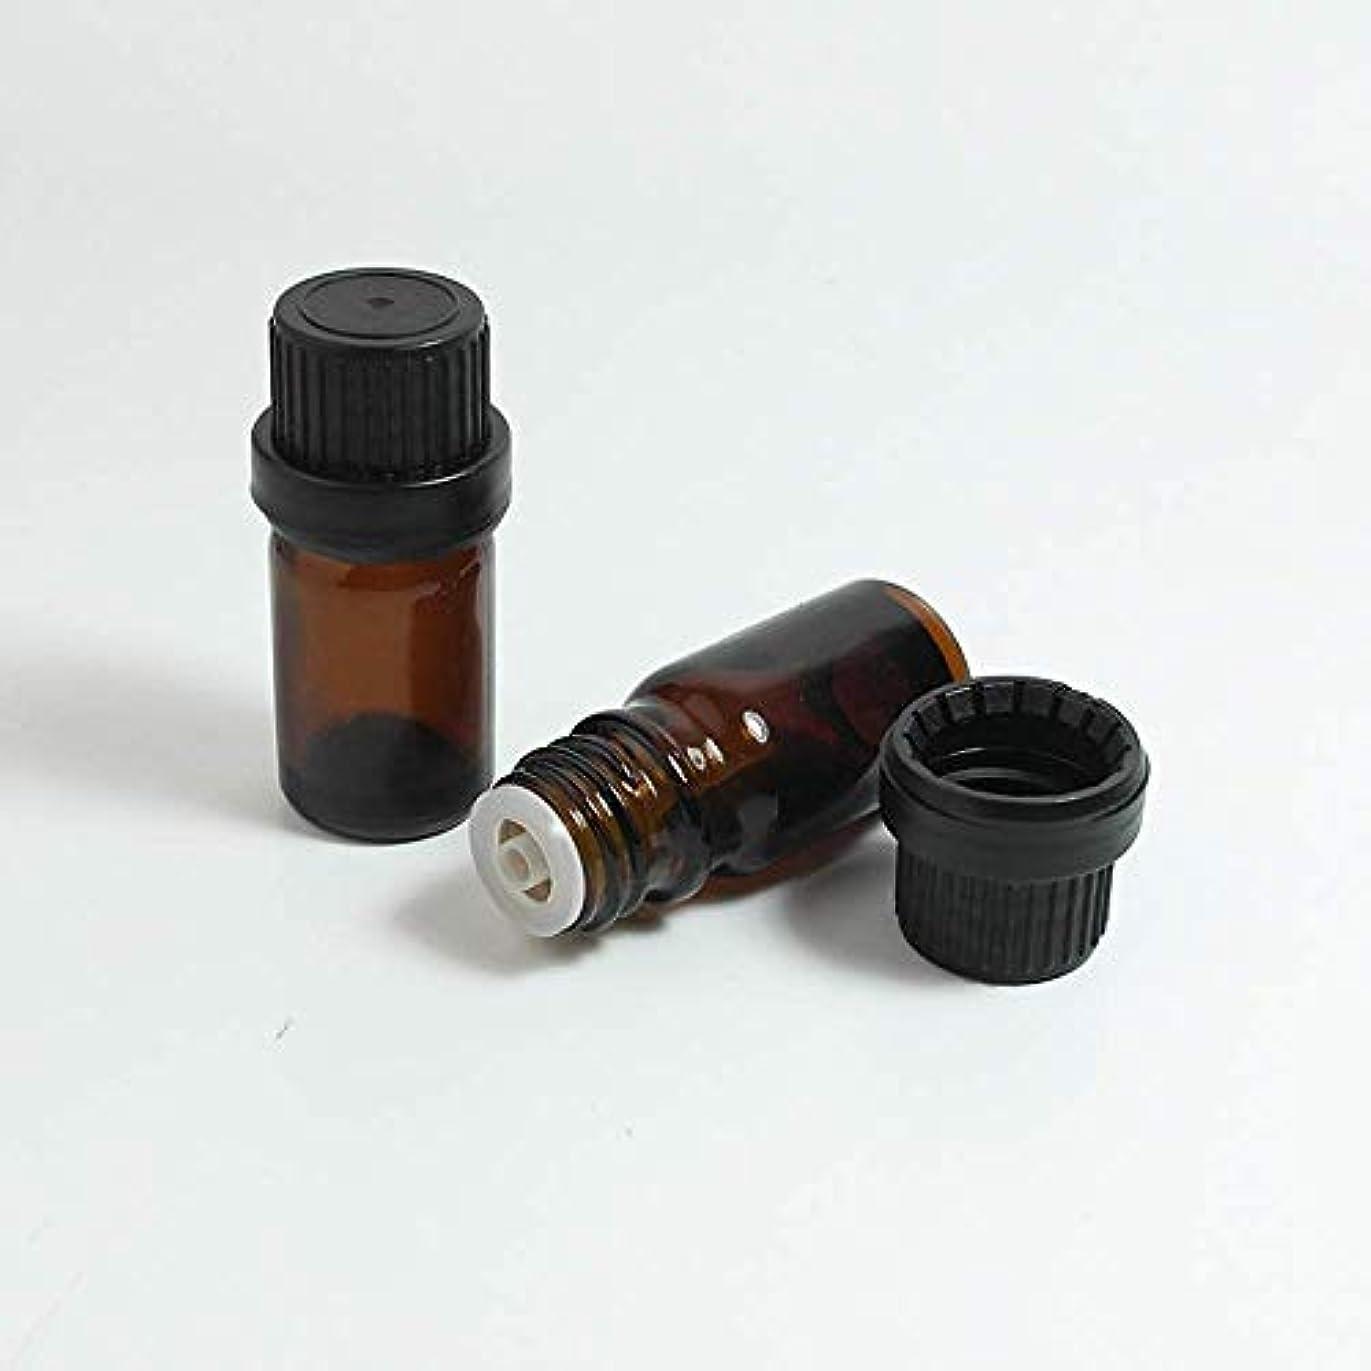 やけど性差別クラッシュSimg アロマオイル 精油 遮光瓶 セット ガラス製 エッセンシャルオイル 保存用 保存容器詰め替え 茶色 10ml 5本セット